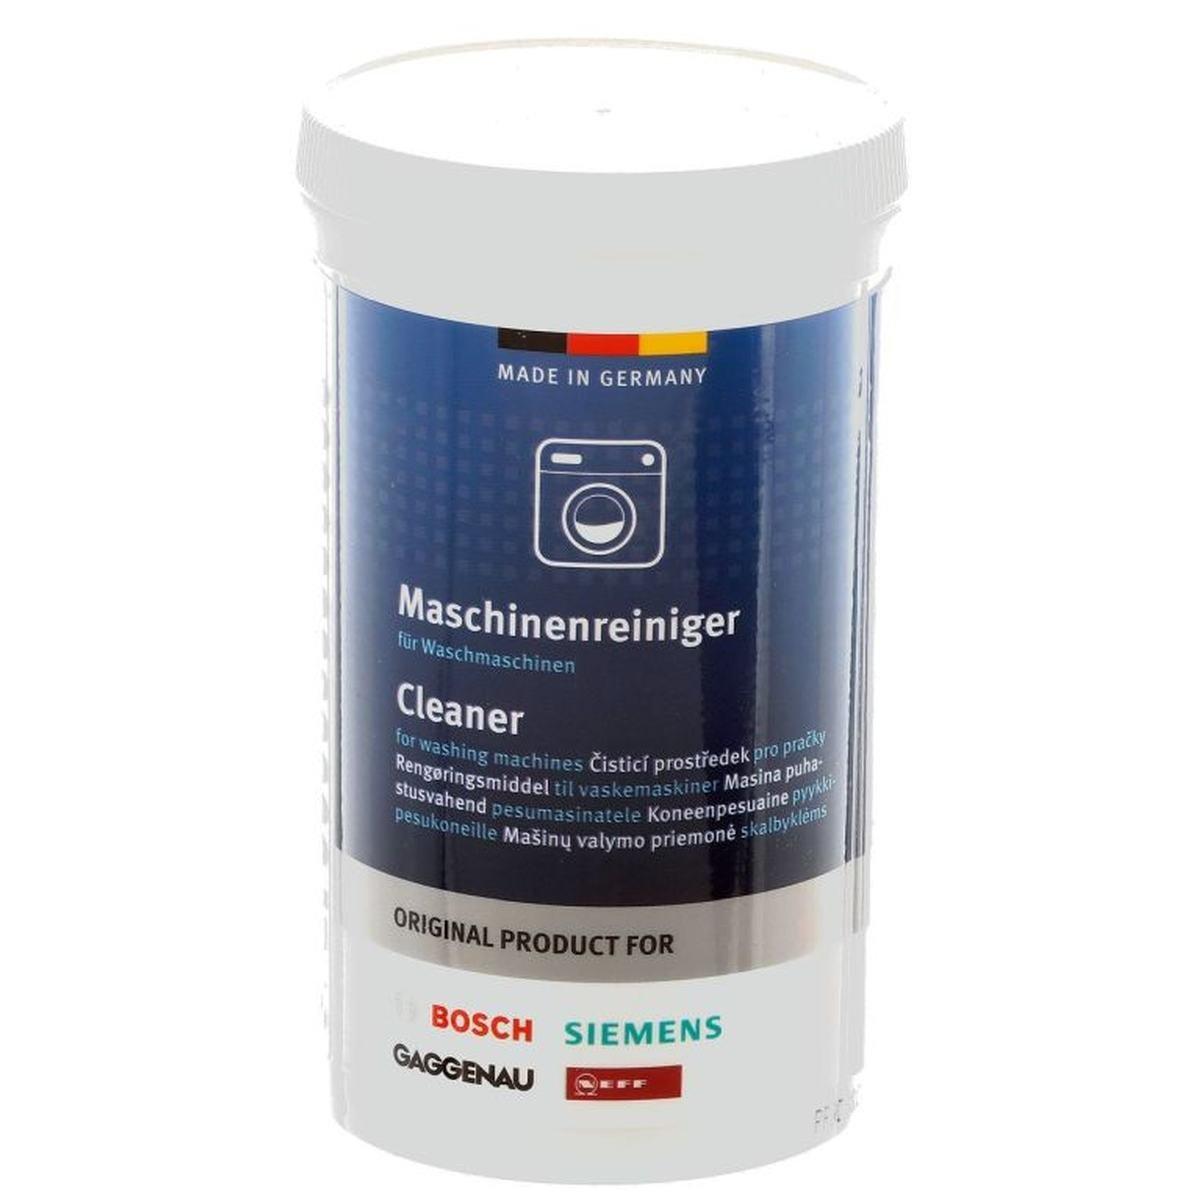 Maskinräns till tvättmaskin - Bosch Siemens